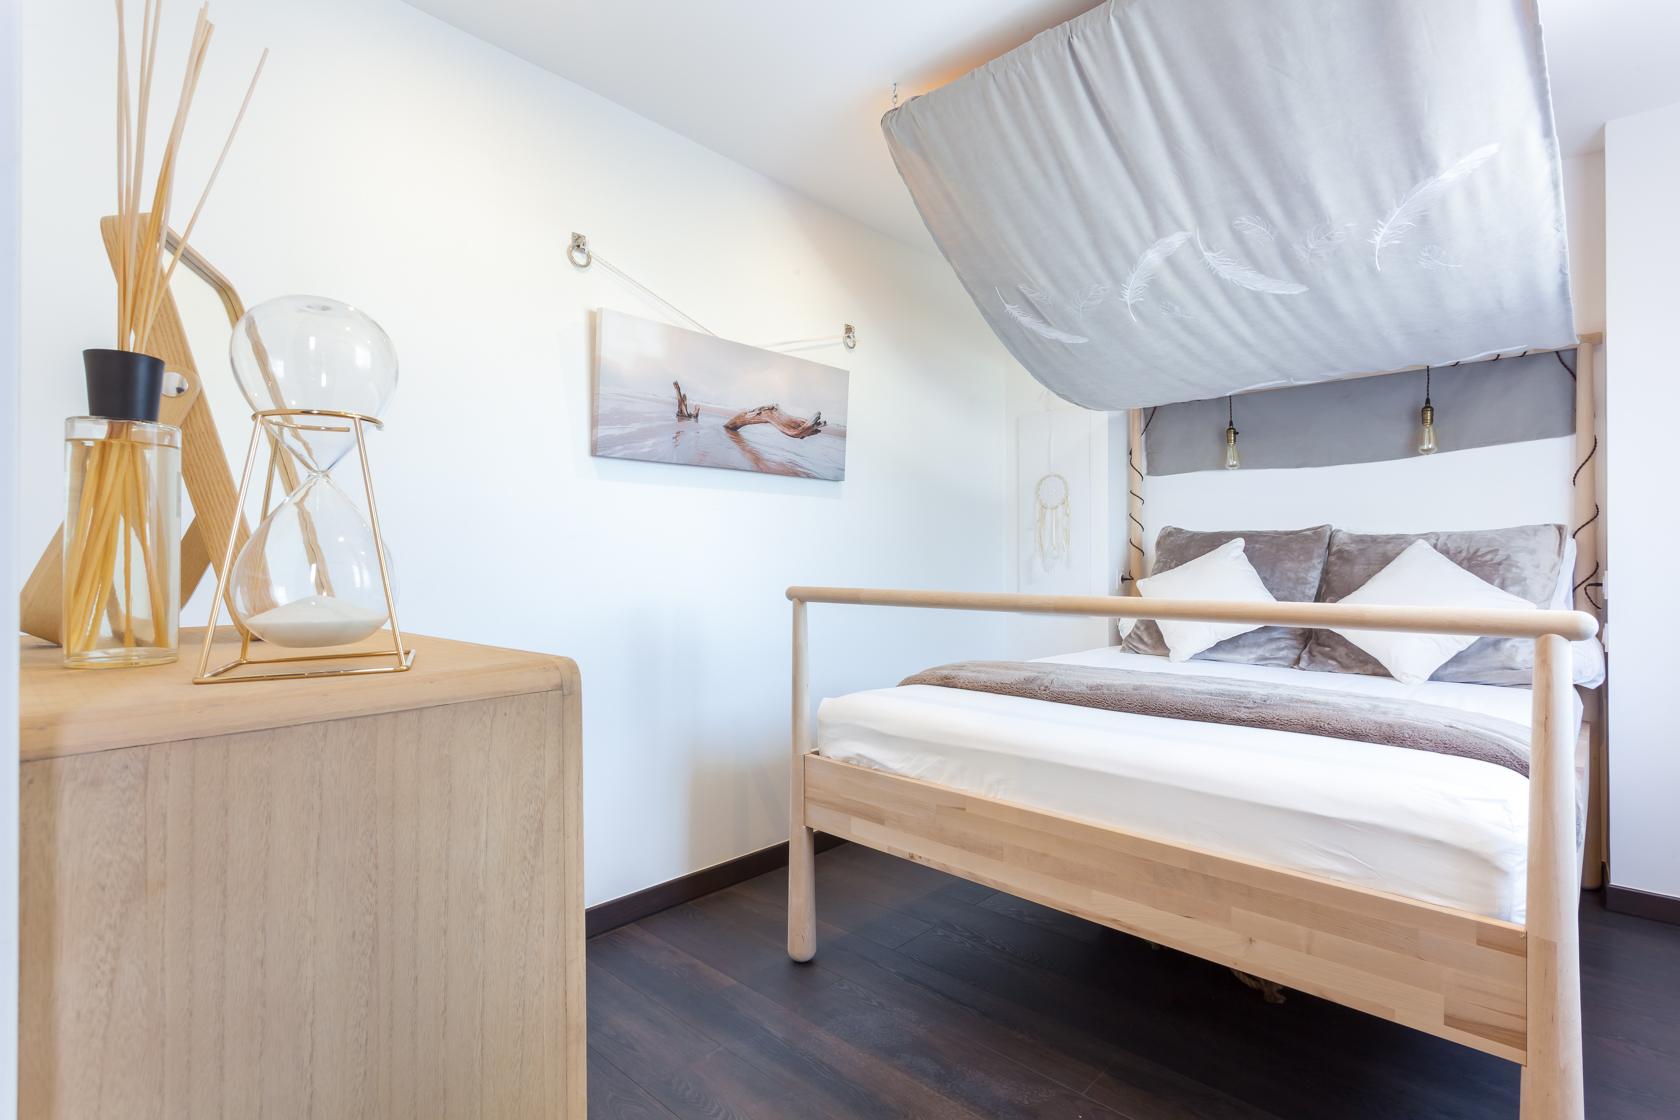 Accueil location de chambre avec jacuzzi privatif en - Chambre jacuzzi privatif provence ...